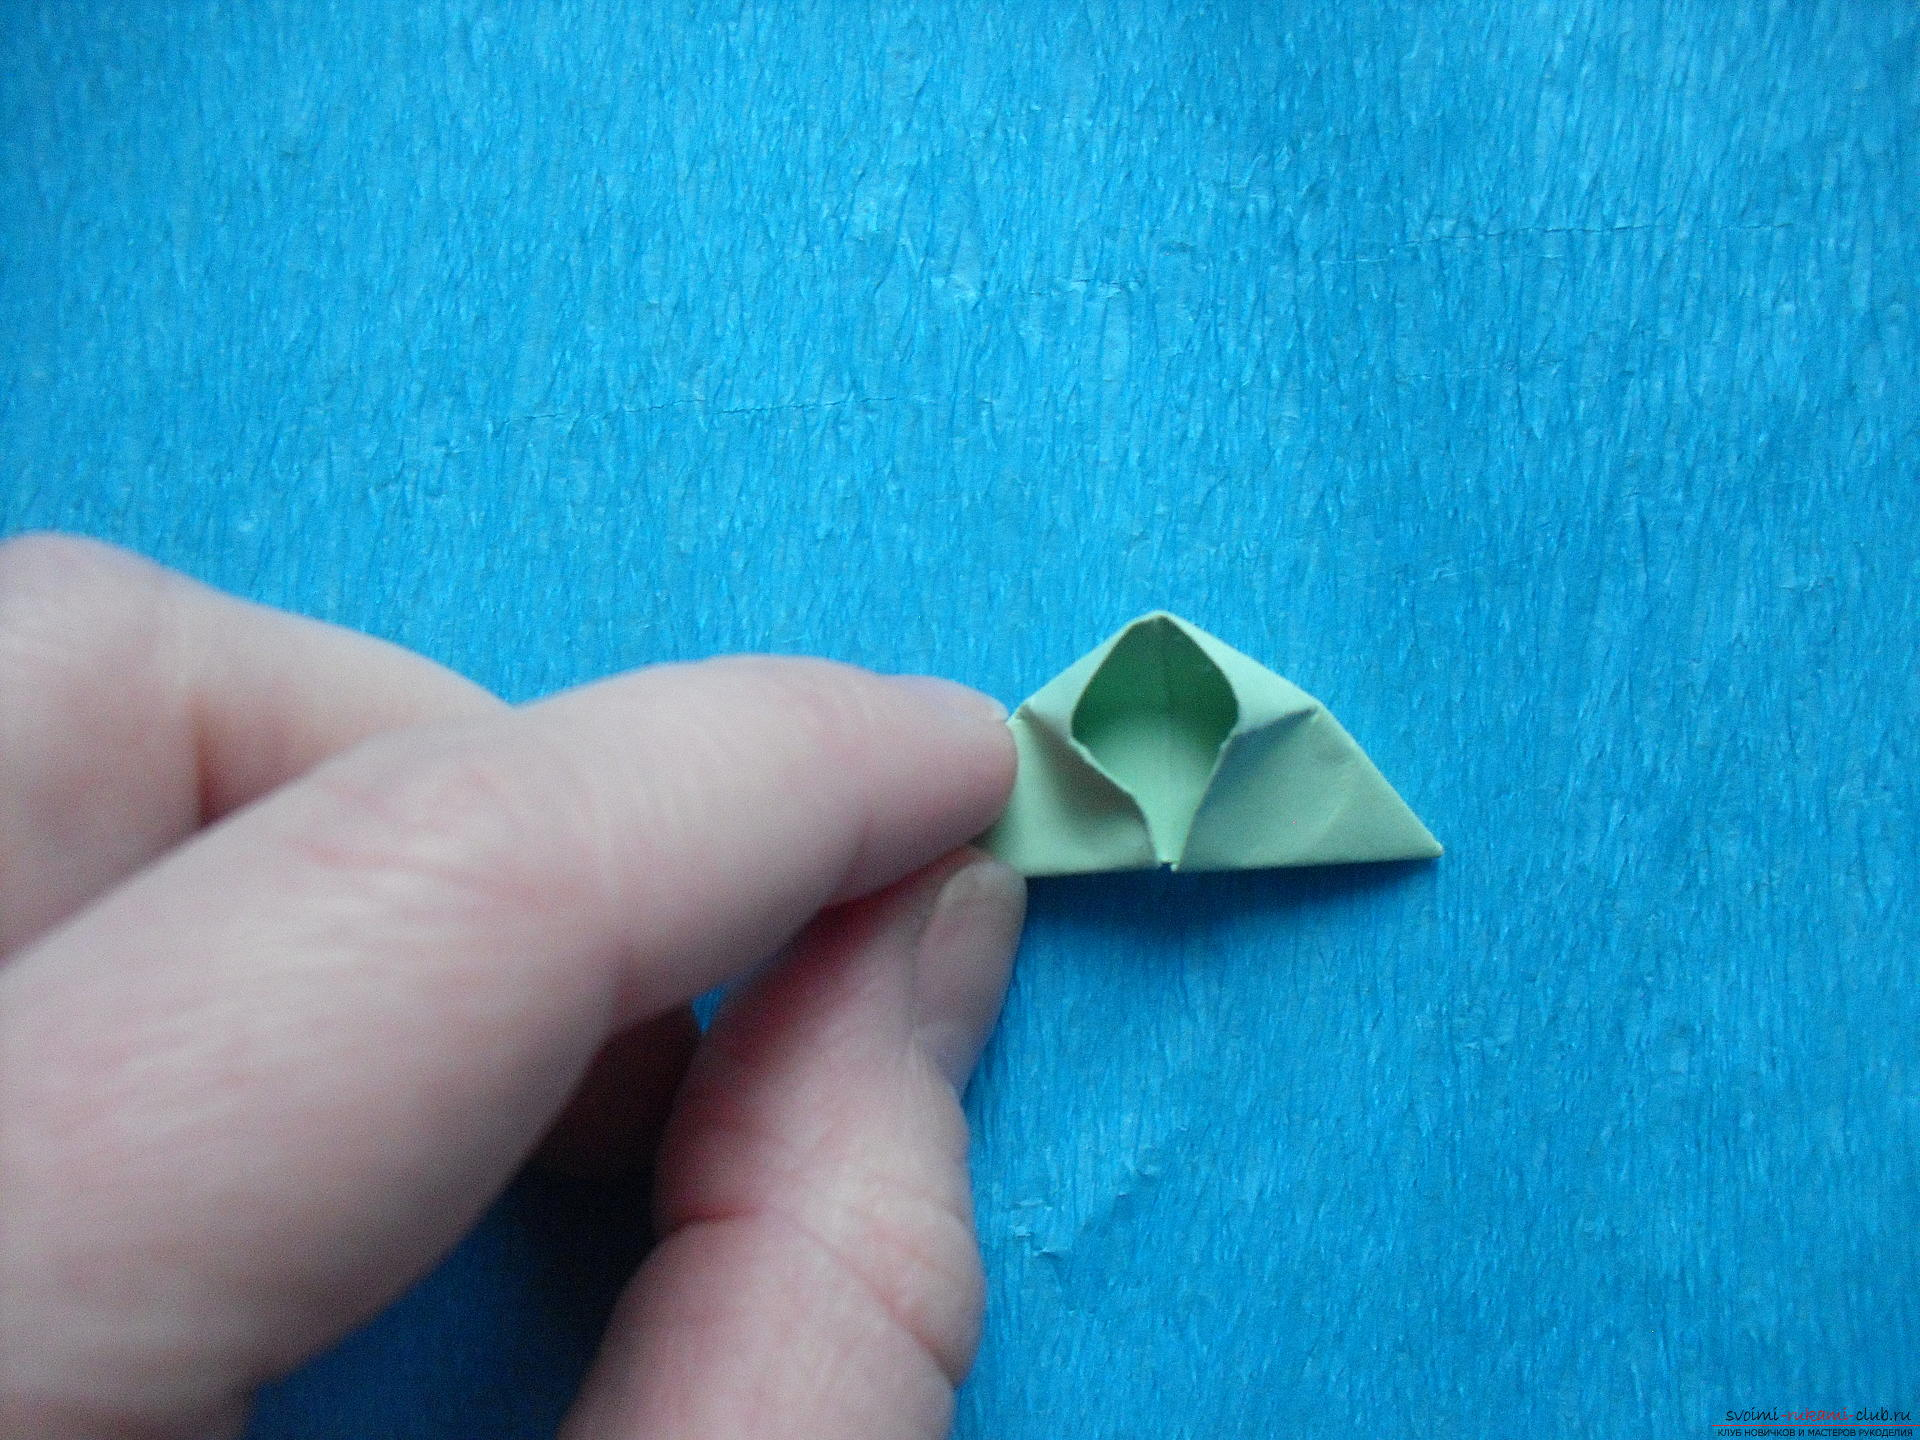 Этот мастер-класс расскажет как сделать поделку из модульных оригами - лягушку.. Фото №18